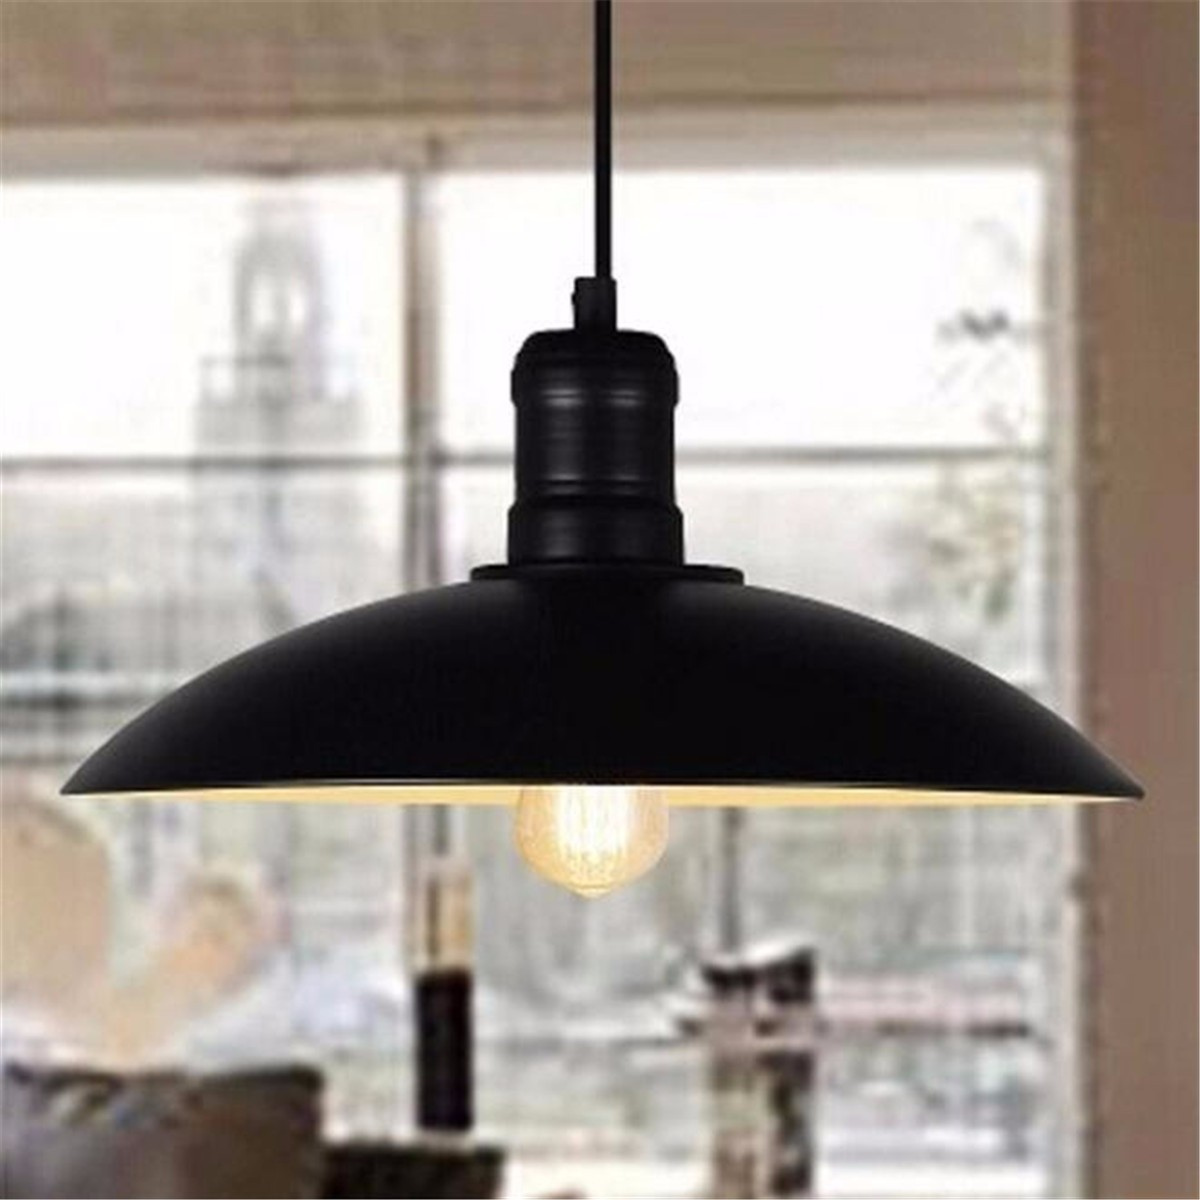 e27 loft estilo industrial retro restaurante bar cafe criativo panela de ferro pingente lampada dia32cm 13